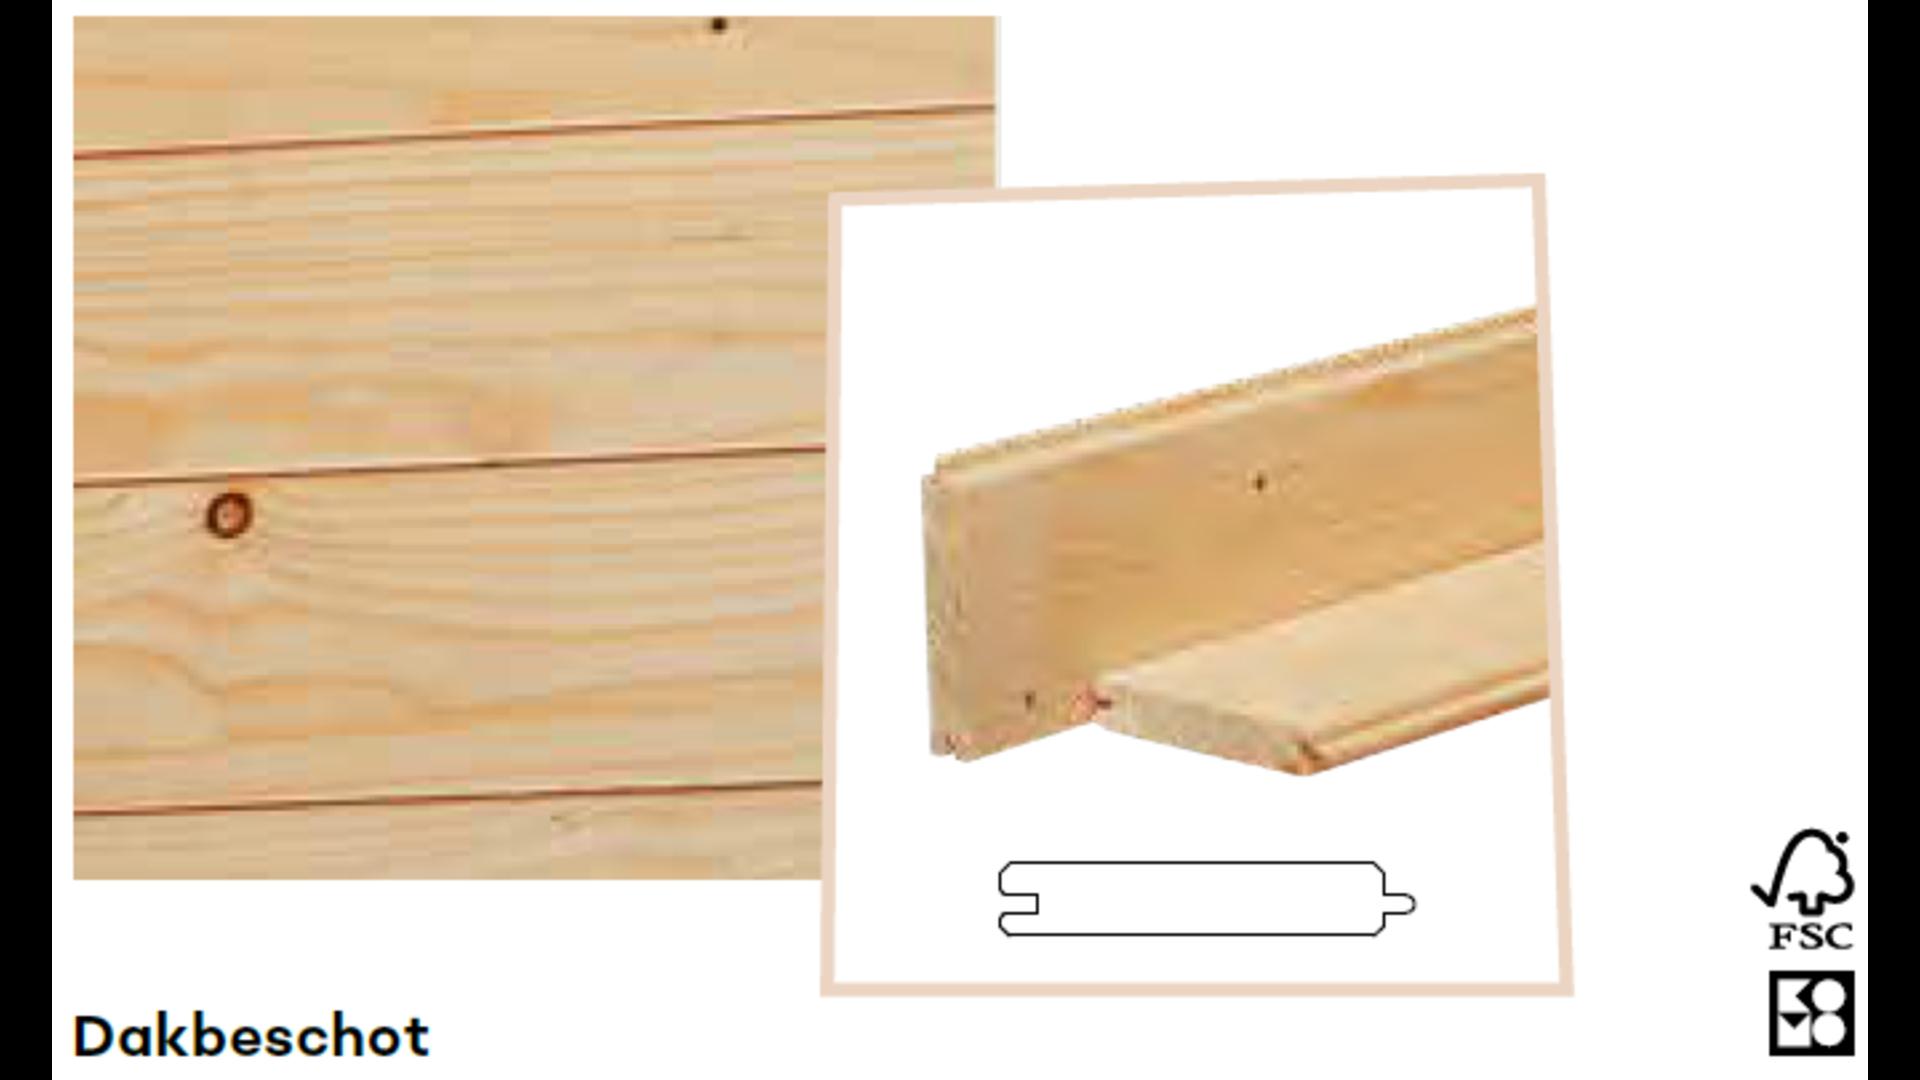 Vuren dakbeschot 1.6x9.5 cm